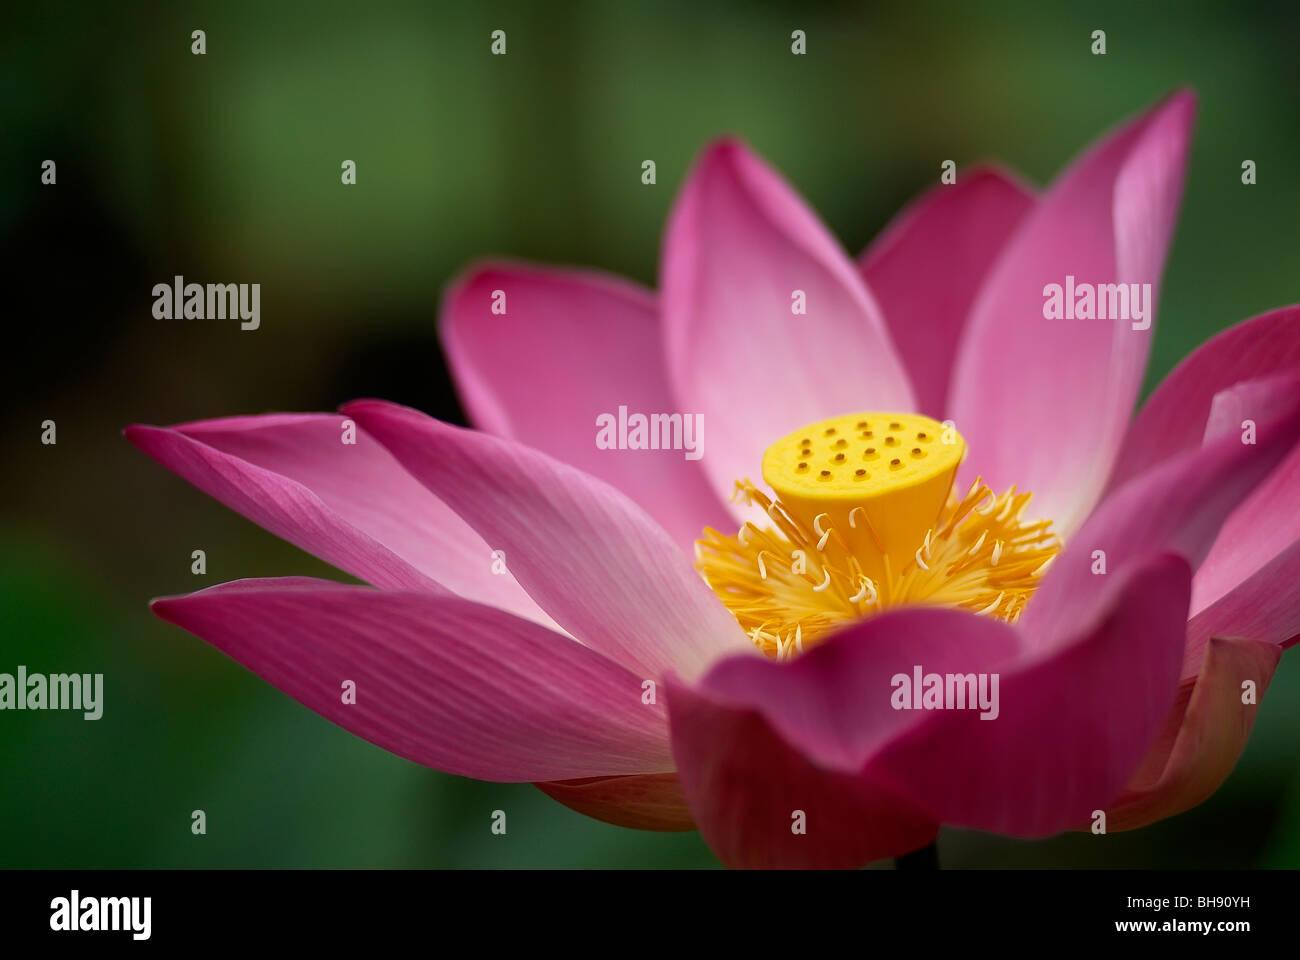 Lotus flowers bali stock photos lotus flowers bali stock images close up of lotus flower stock image izmirmasajfo